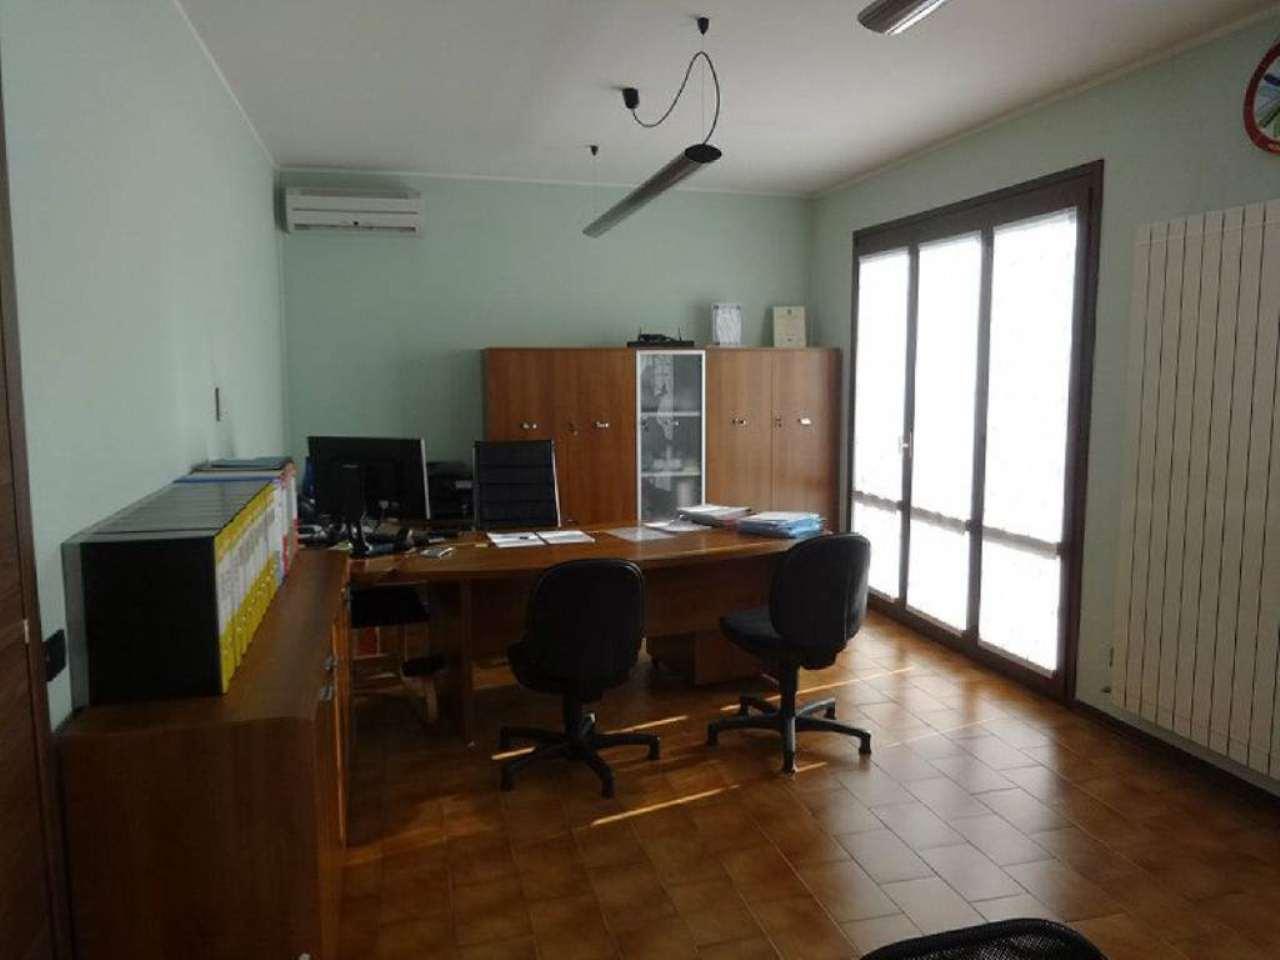 Negozio / Locale in affitto a Cavaria con Premezzo, 6 locali, prezzo € 1.400 | Cambio Casa.it